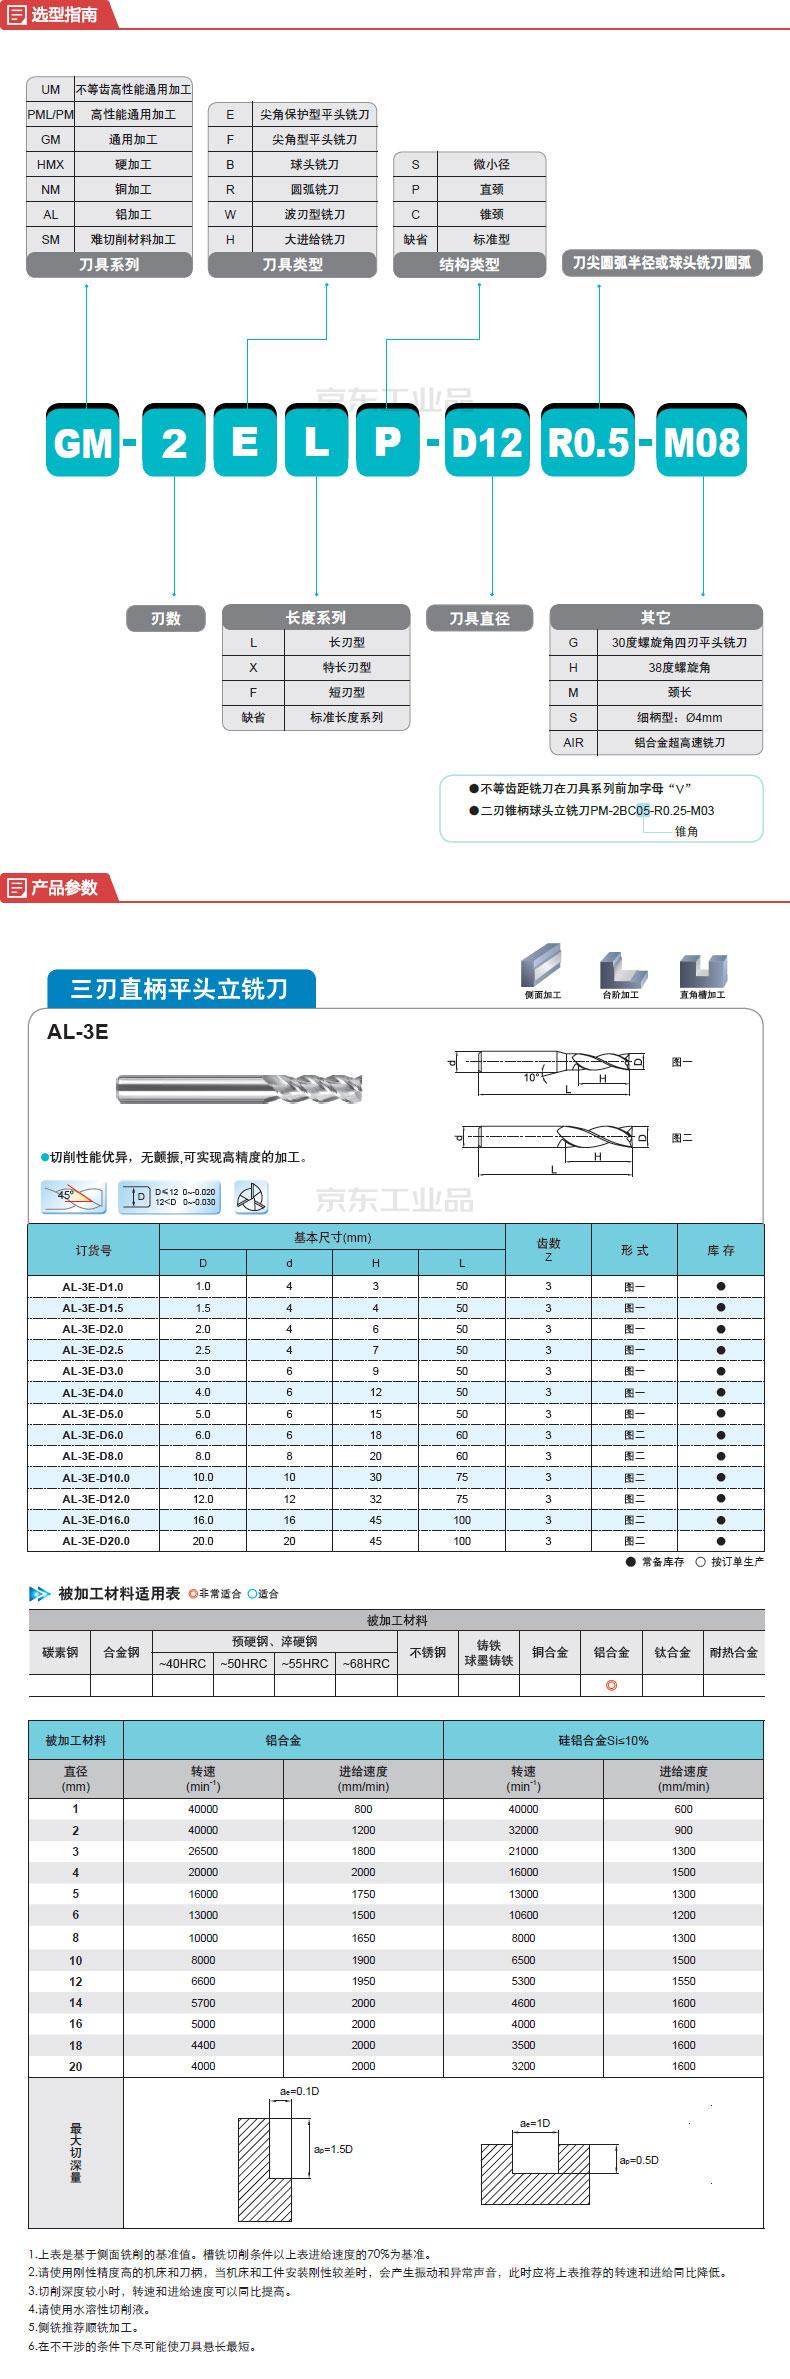 株洲钻石 平头型铣削刀具;AL-3E-D8.0 YK30F